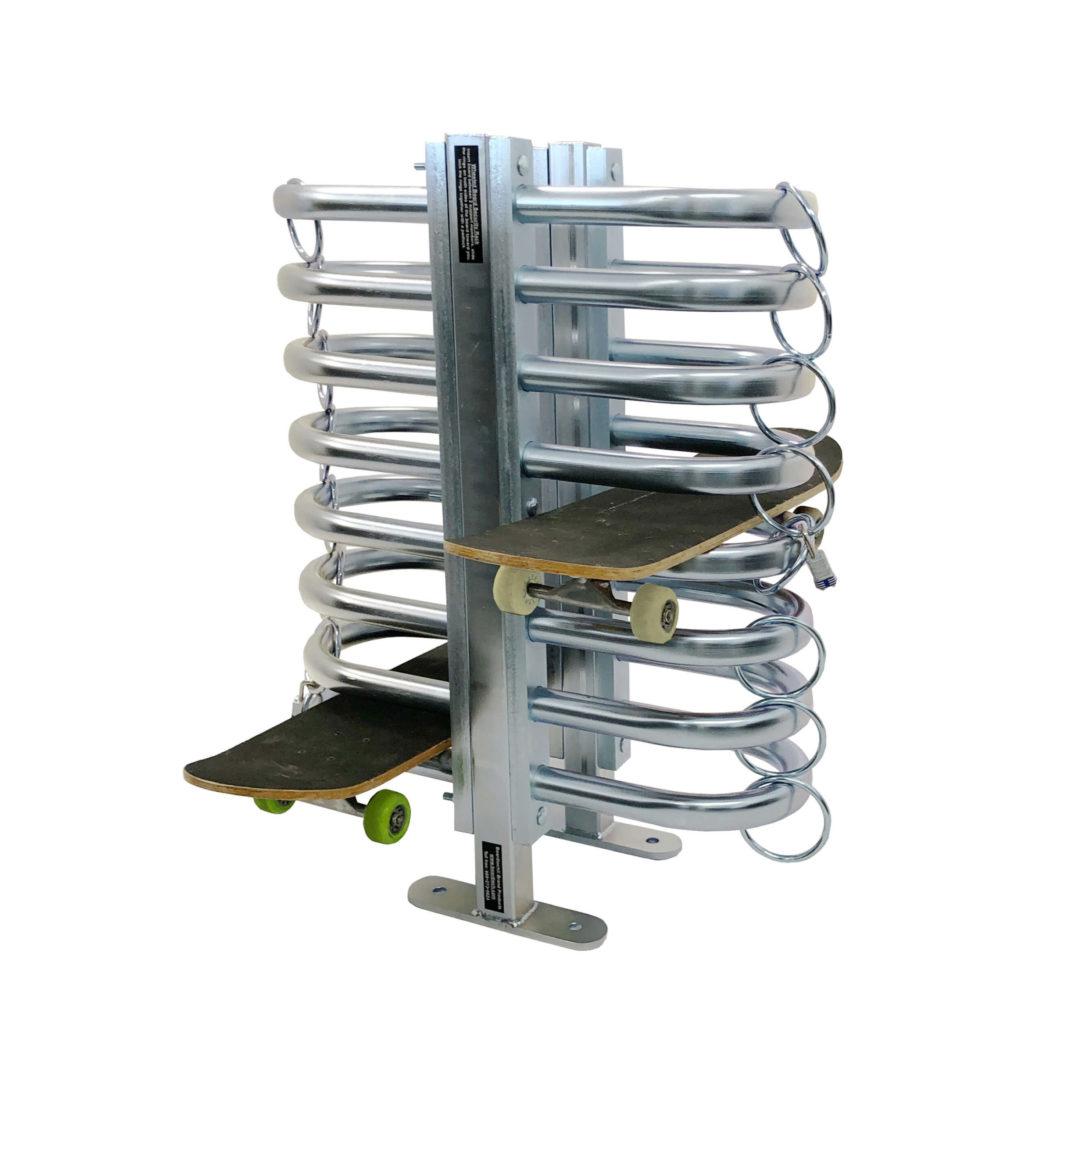 skateboard rack - Spartan